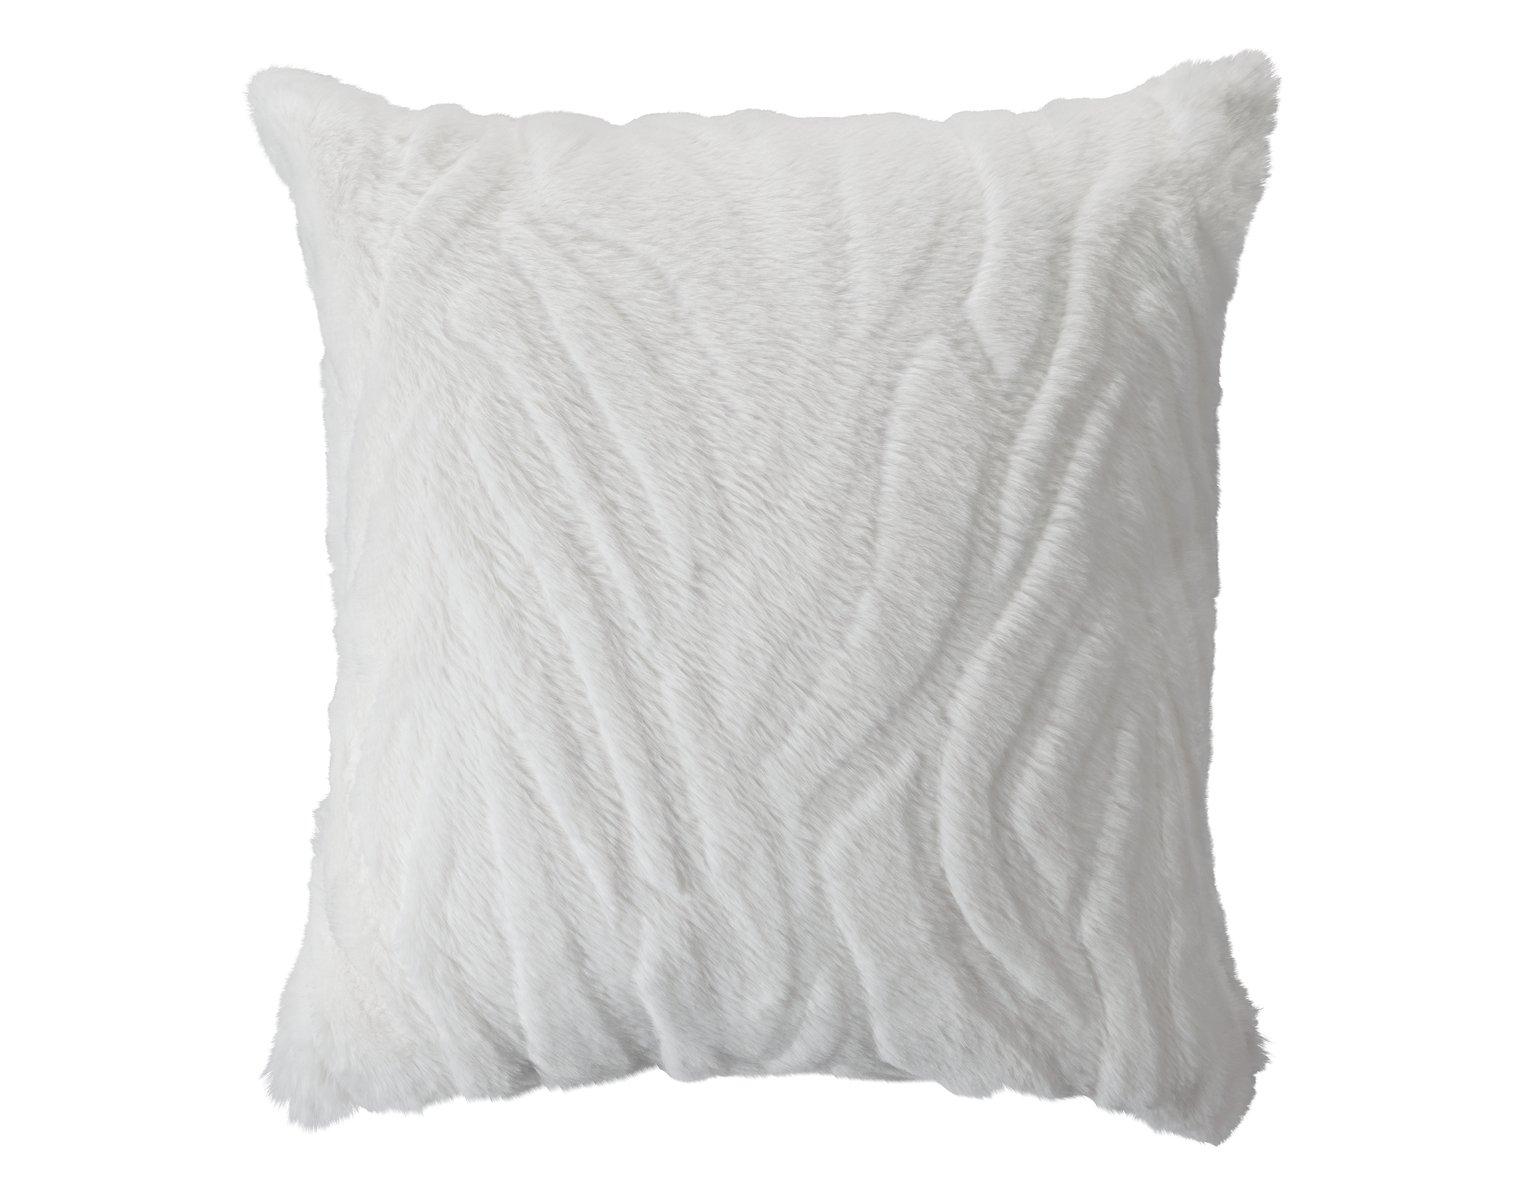 Argos Home Carved Faux Fur Cushion - White